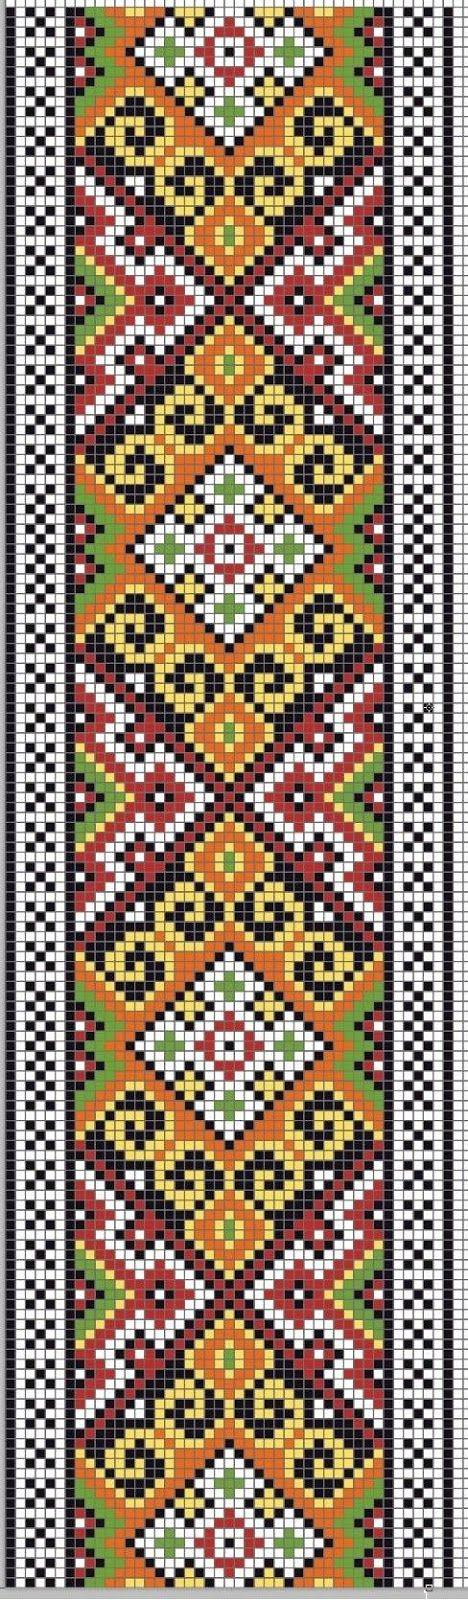 Tutoriales y DIYs: Patrón gratis - Cenefa para tejer a dos agujas ...